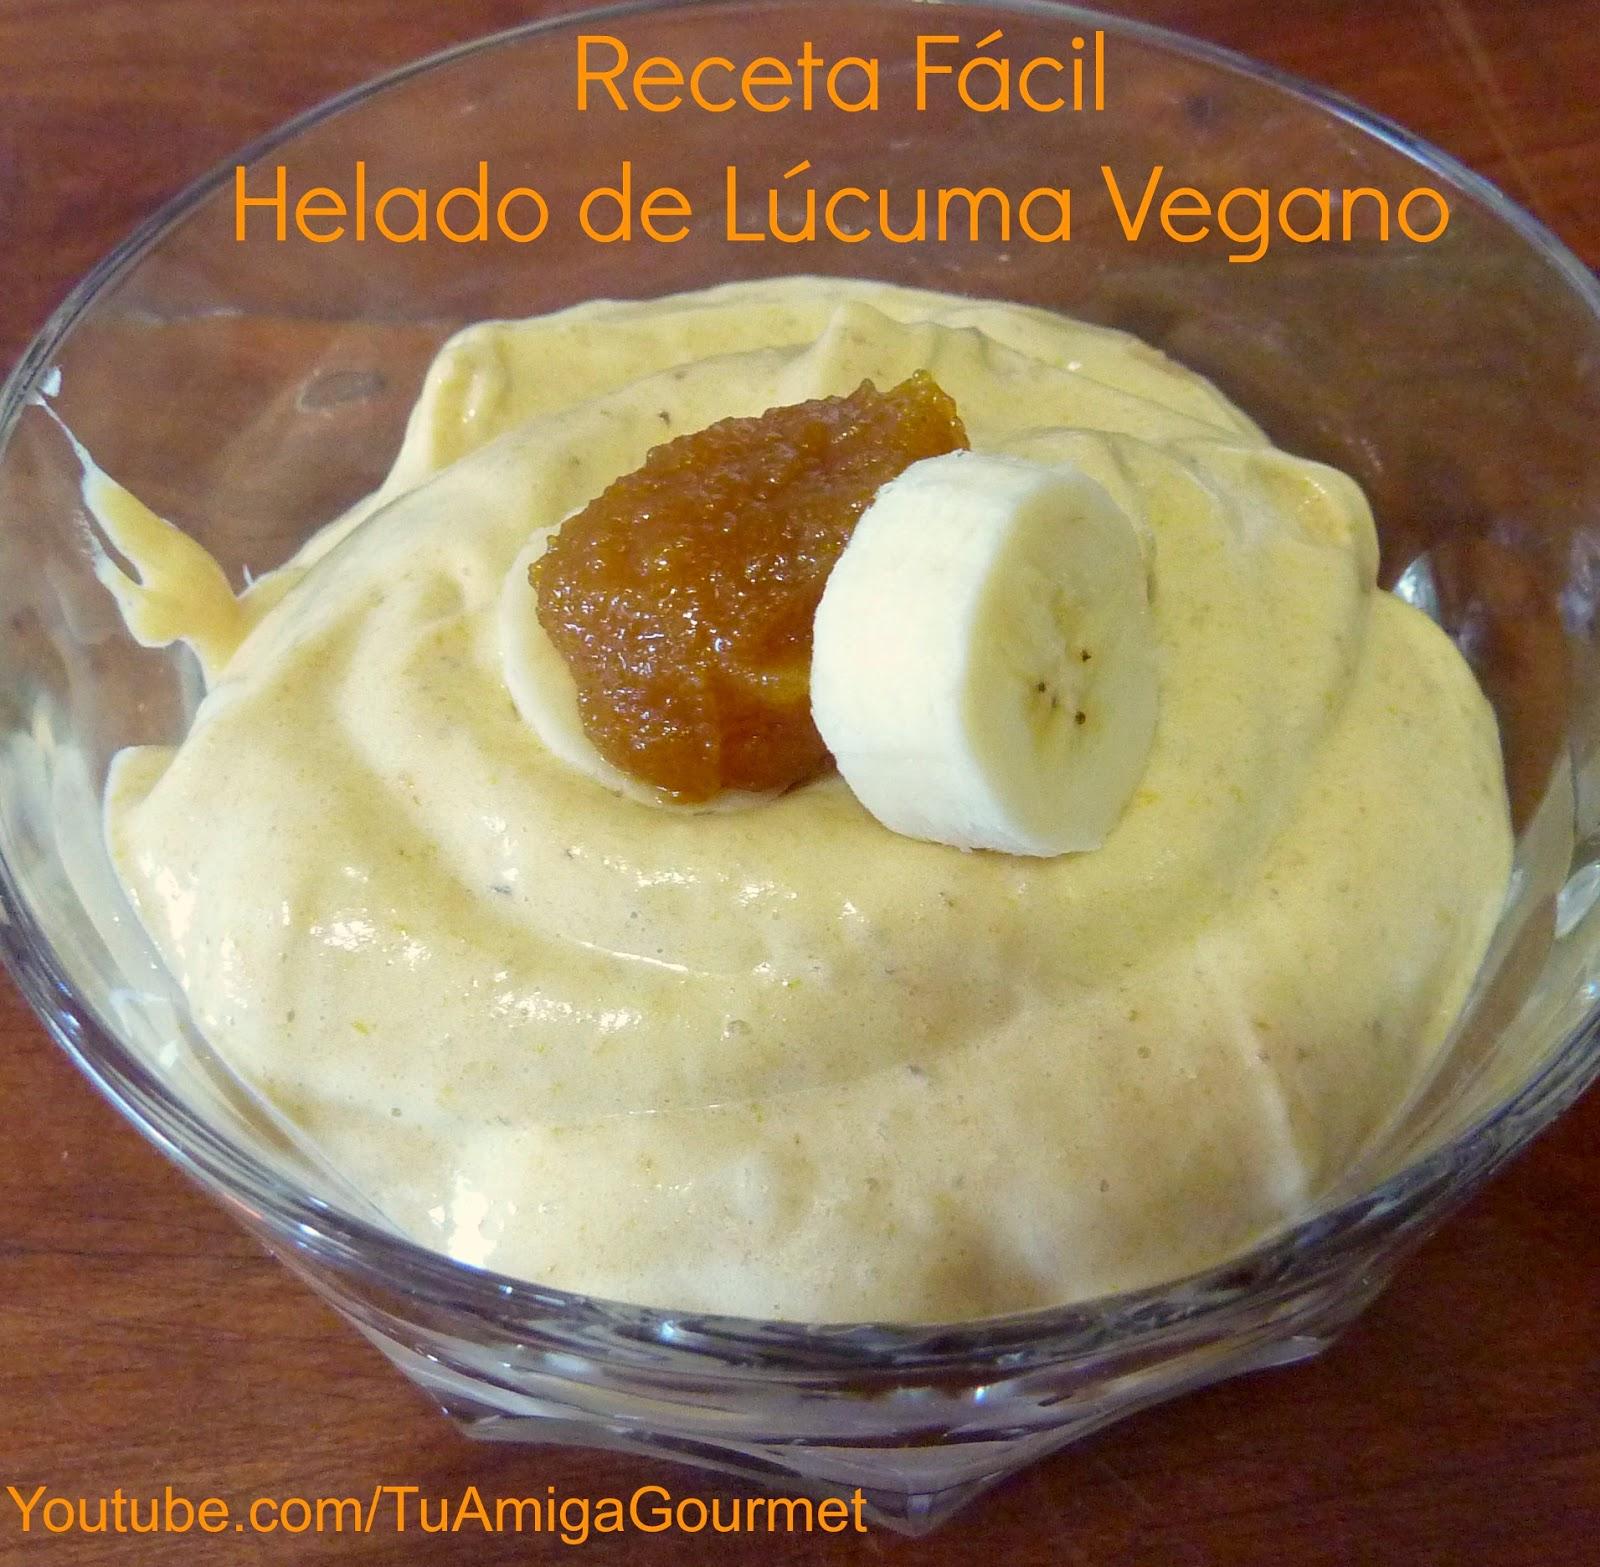 Helado de Lucuma vegano